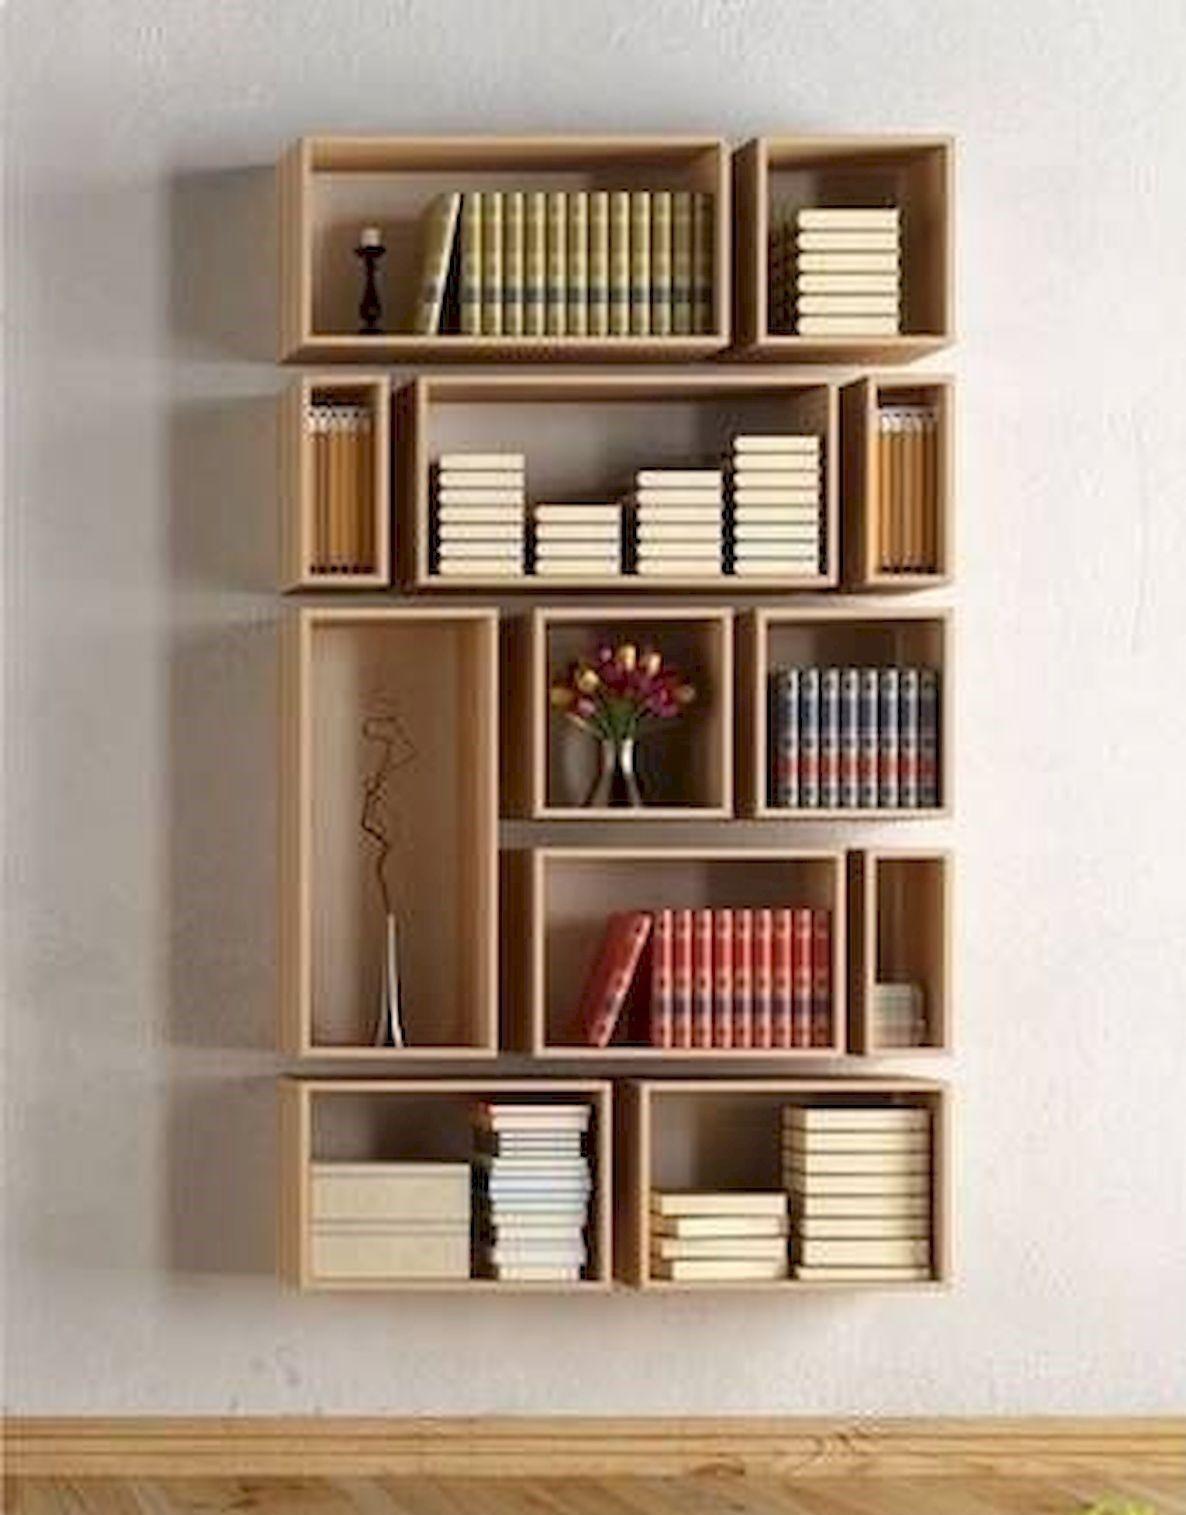 50 amazing diy bookshelf design ideas for your home